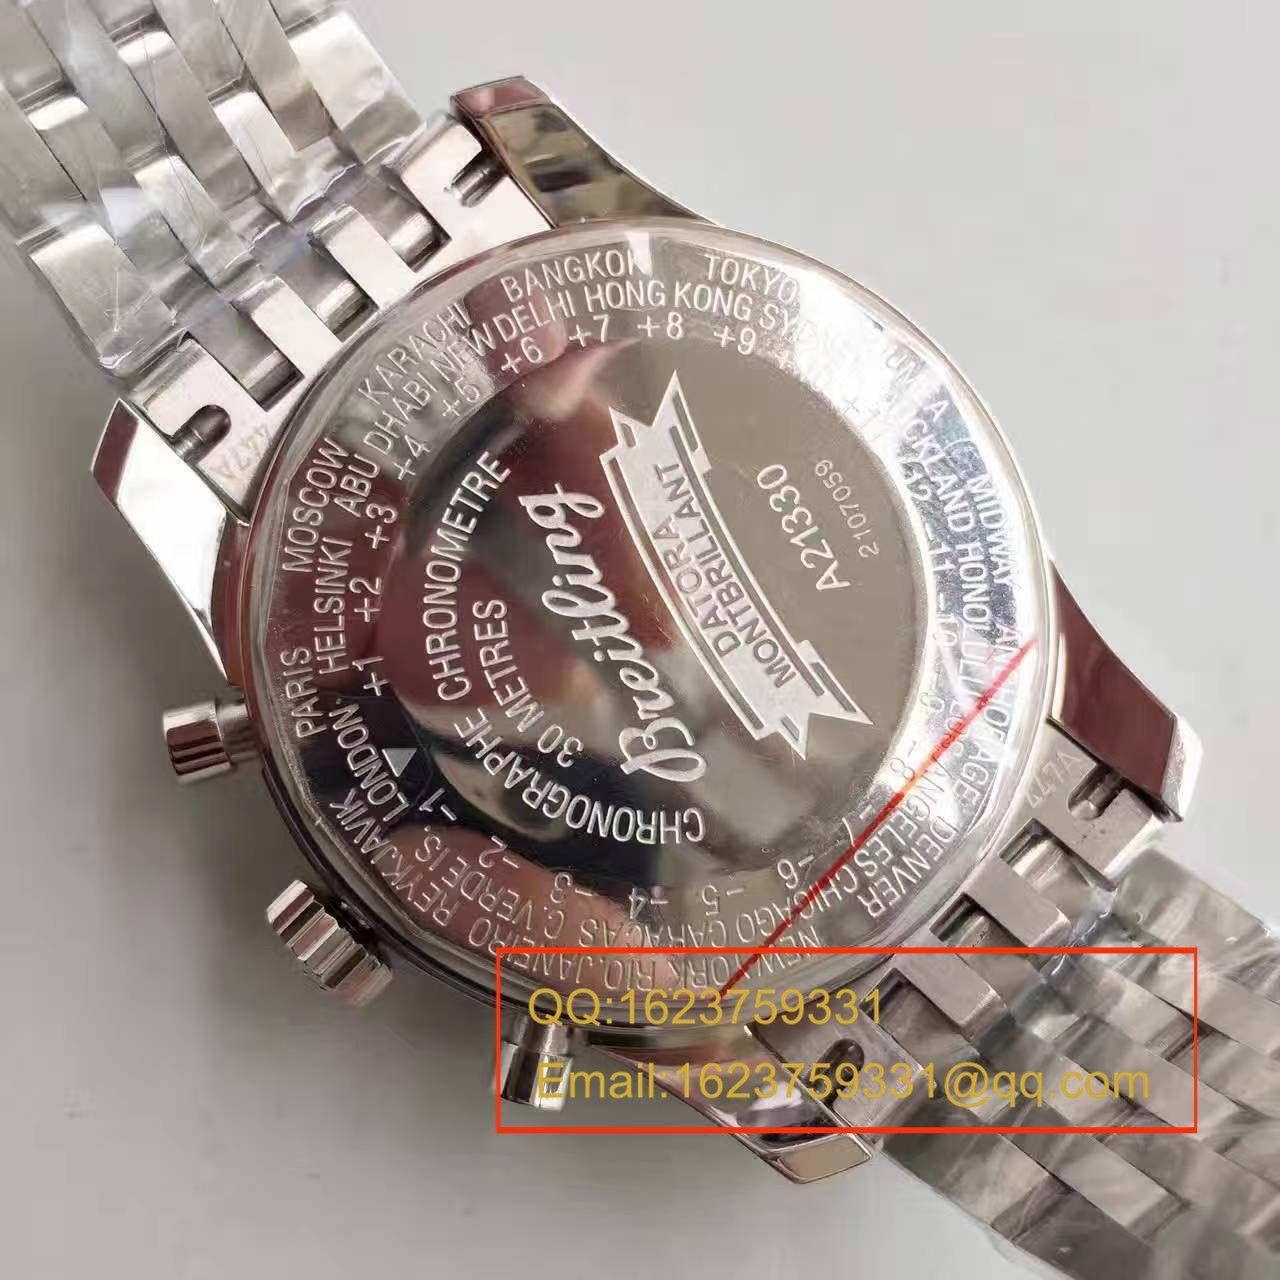 【JF一比一高仿手表】百年灵蒙柏朗计时系列A2133012-B571棕盘腕表